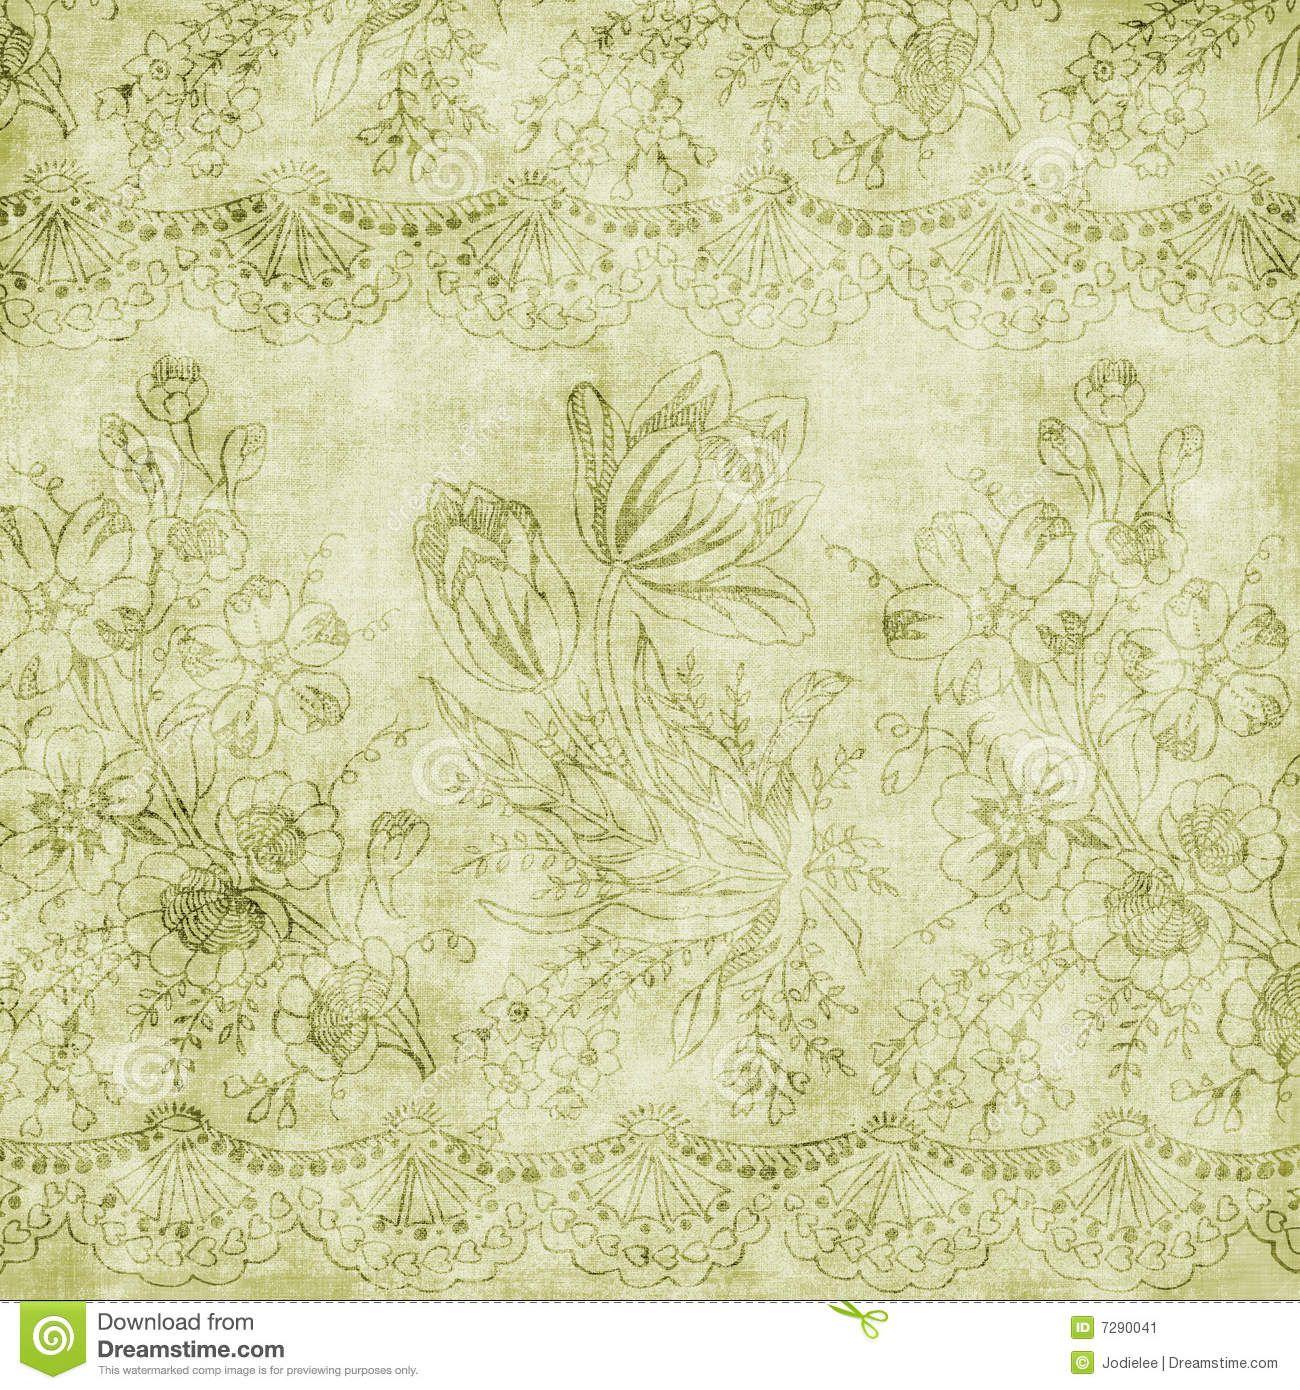 Vintage Floral Antique Background Theme Scrapbook Background Vintage Images Vintage Floral